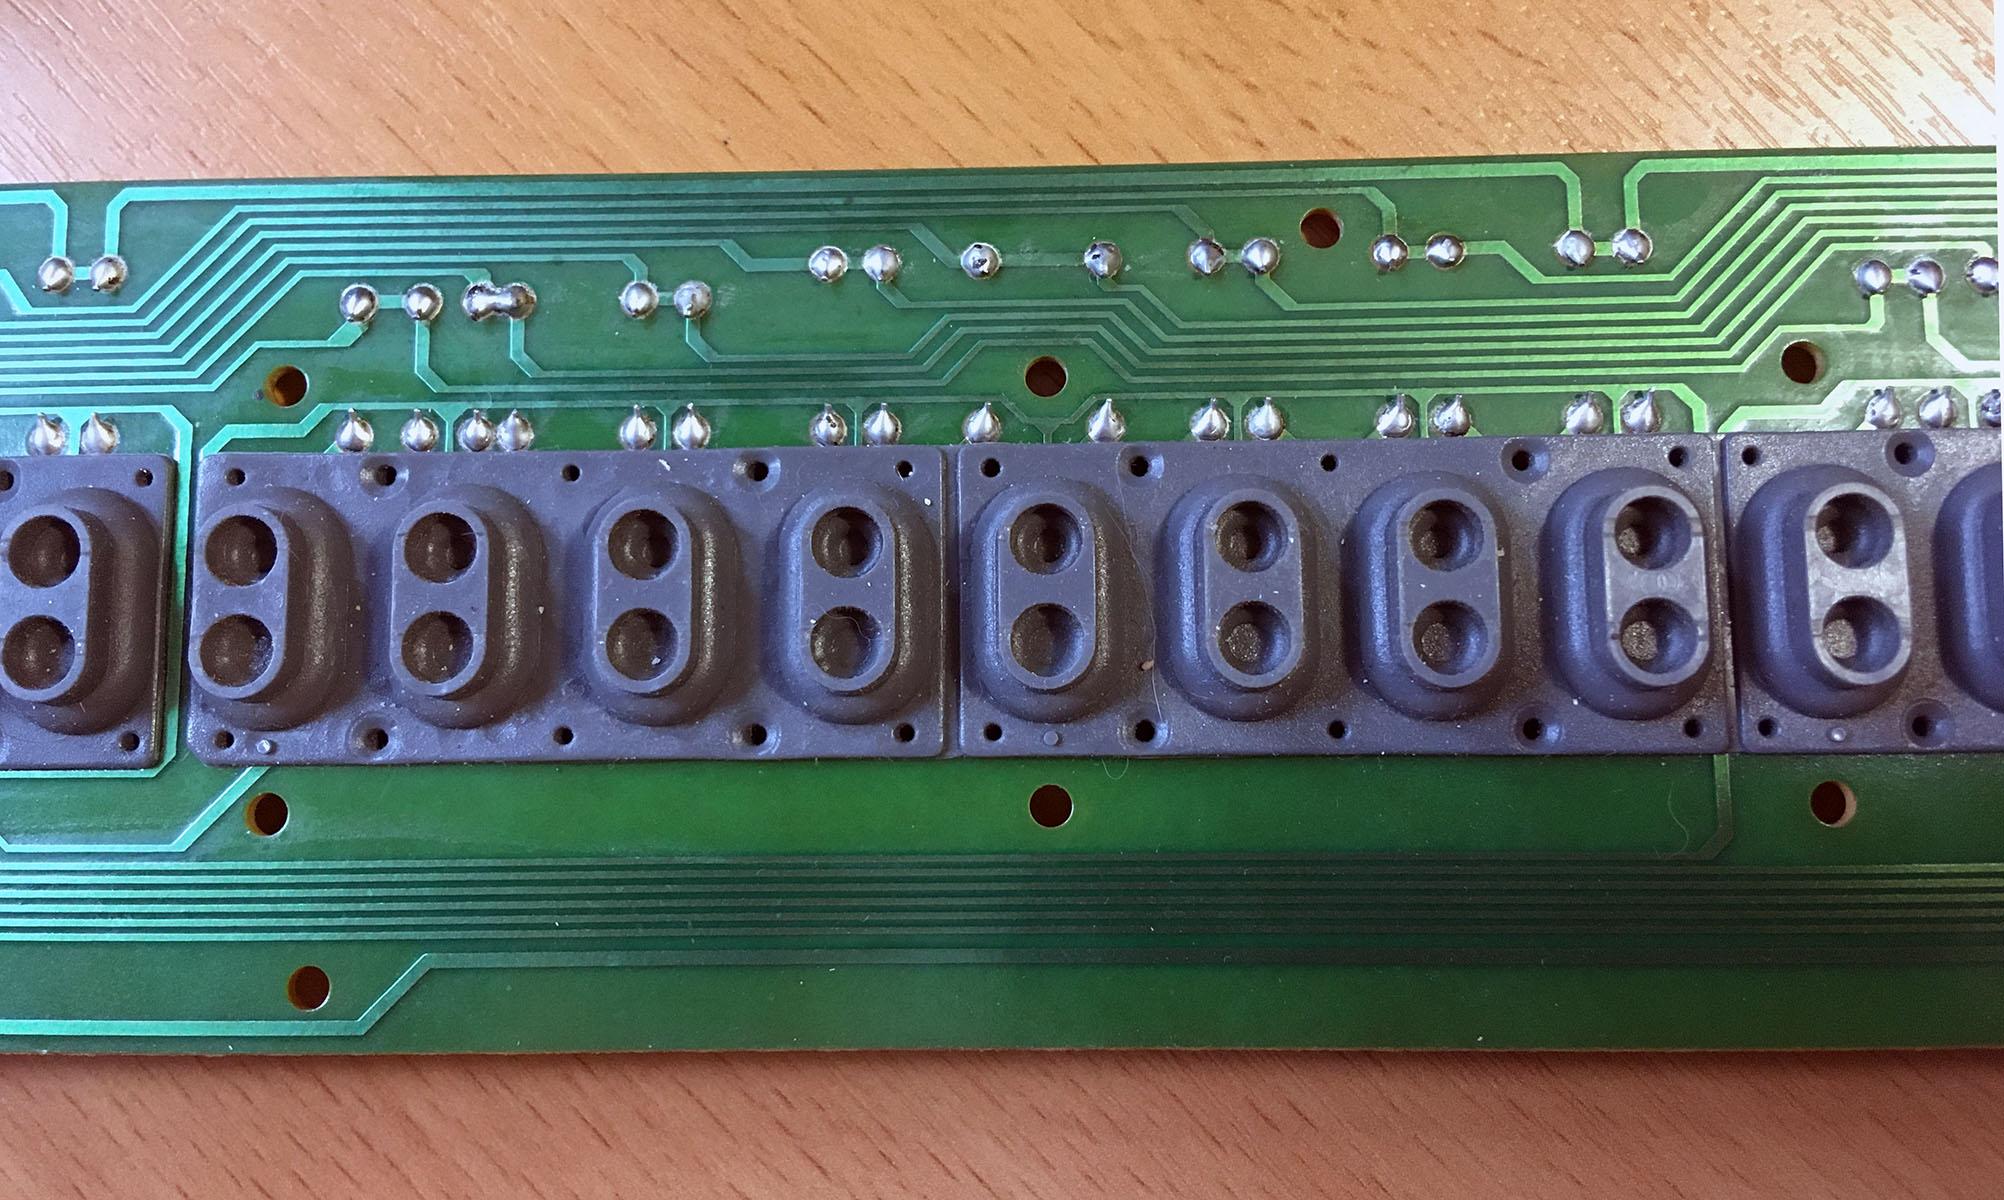 Расположение резинок midi клавиатуры (Что делать если не работают несколько клавиш на midi клавиатуре)